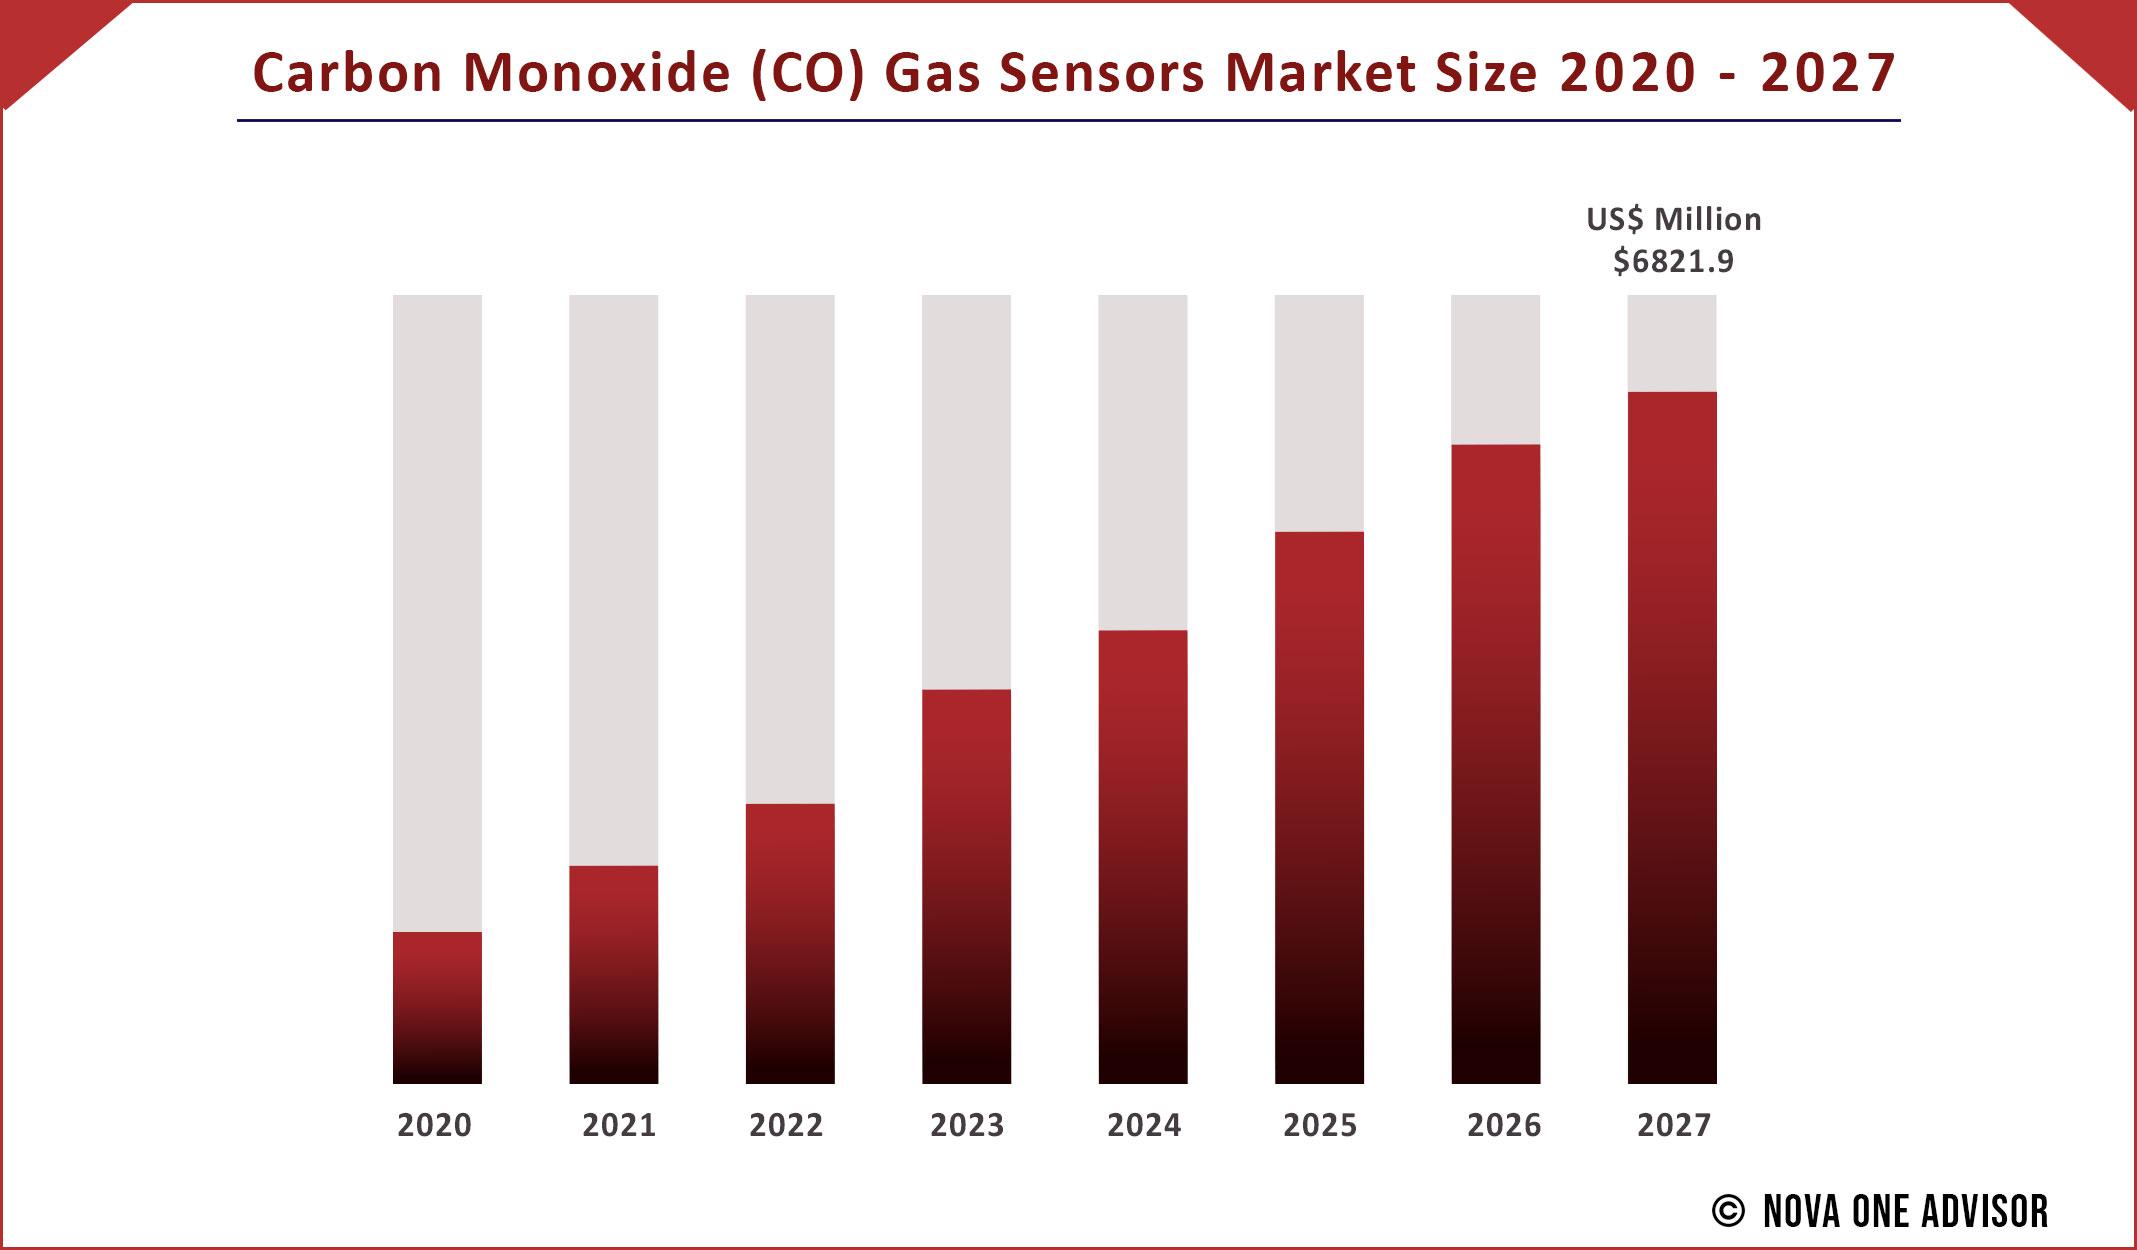 Carbon Monoxide (CO) Gas Sensors Market Size 2020 to 2027